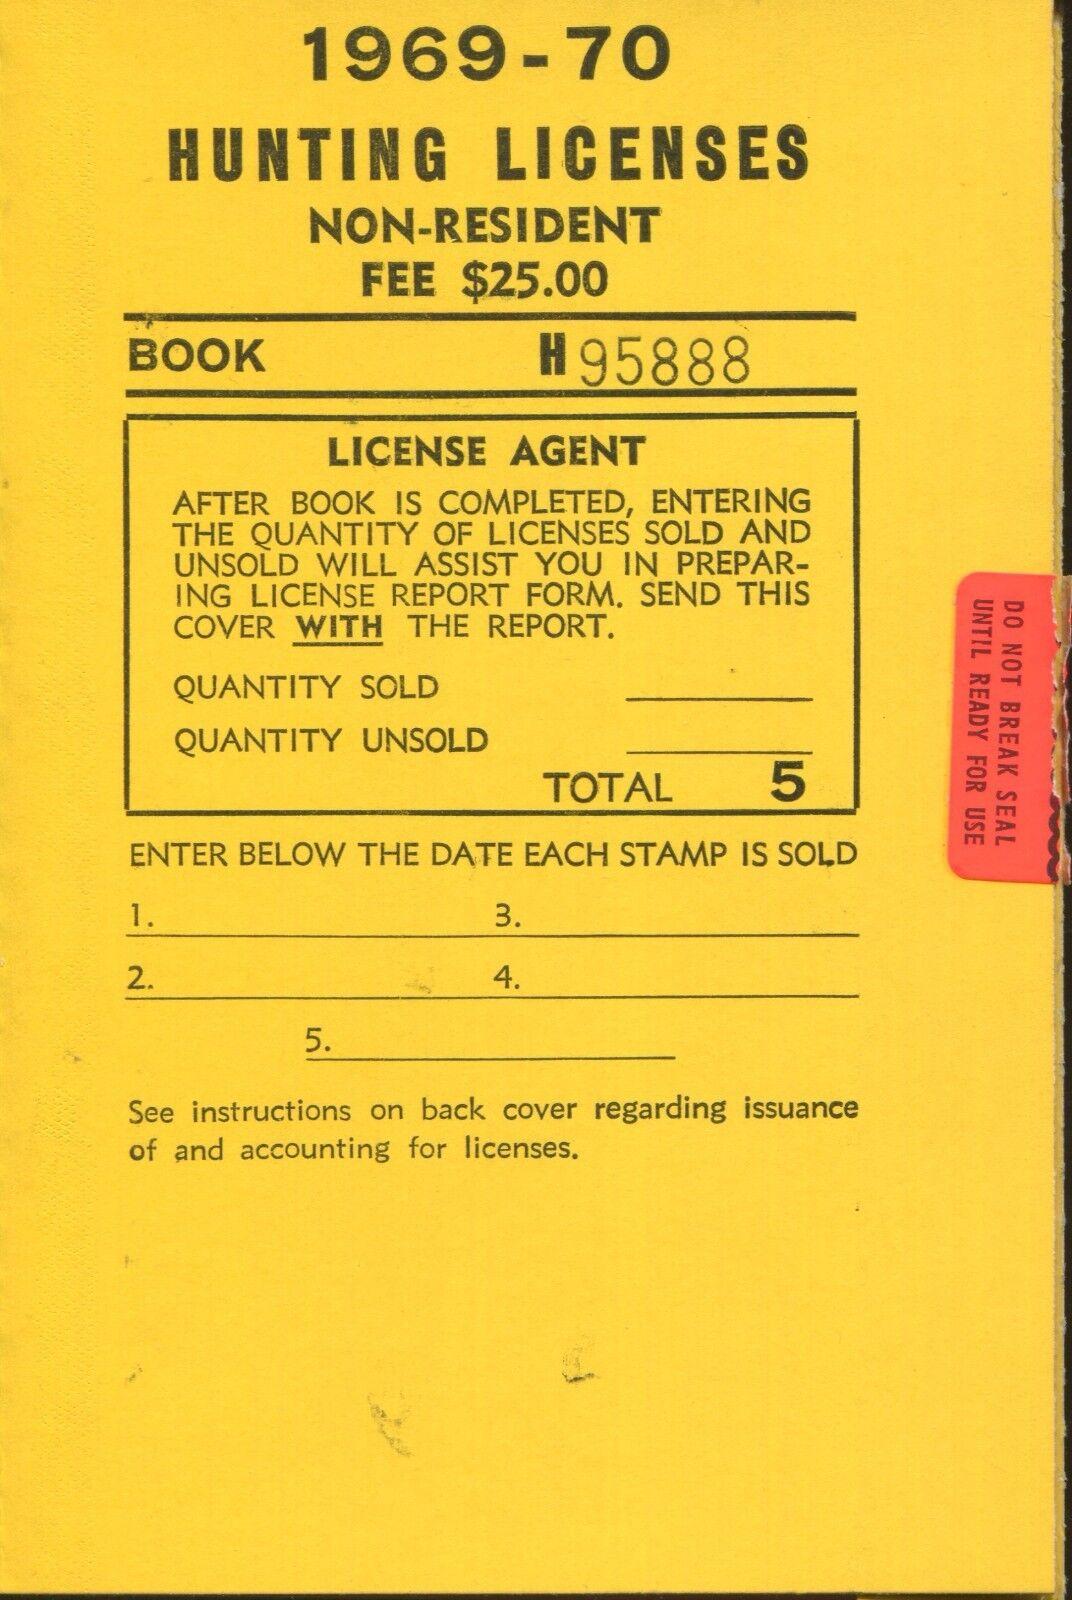 Libro sin usar de 5 - 1969-70 EE. UU. no residentes de California licencias de caza A24